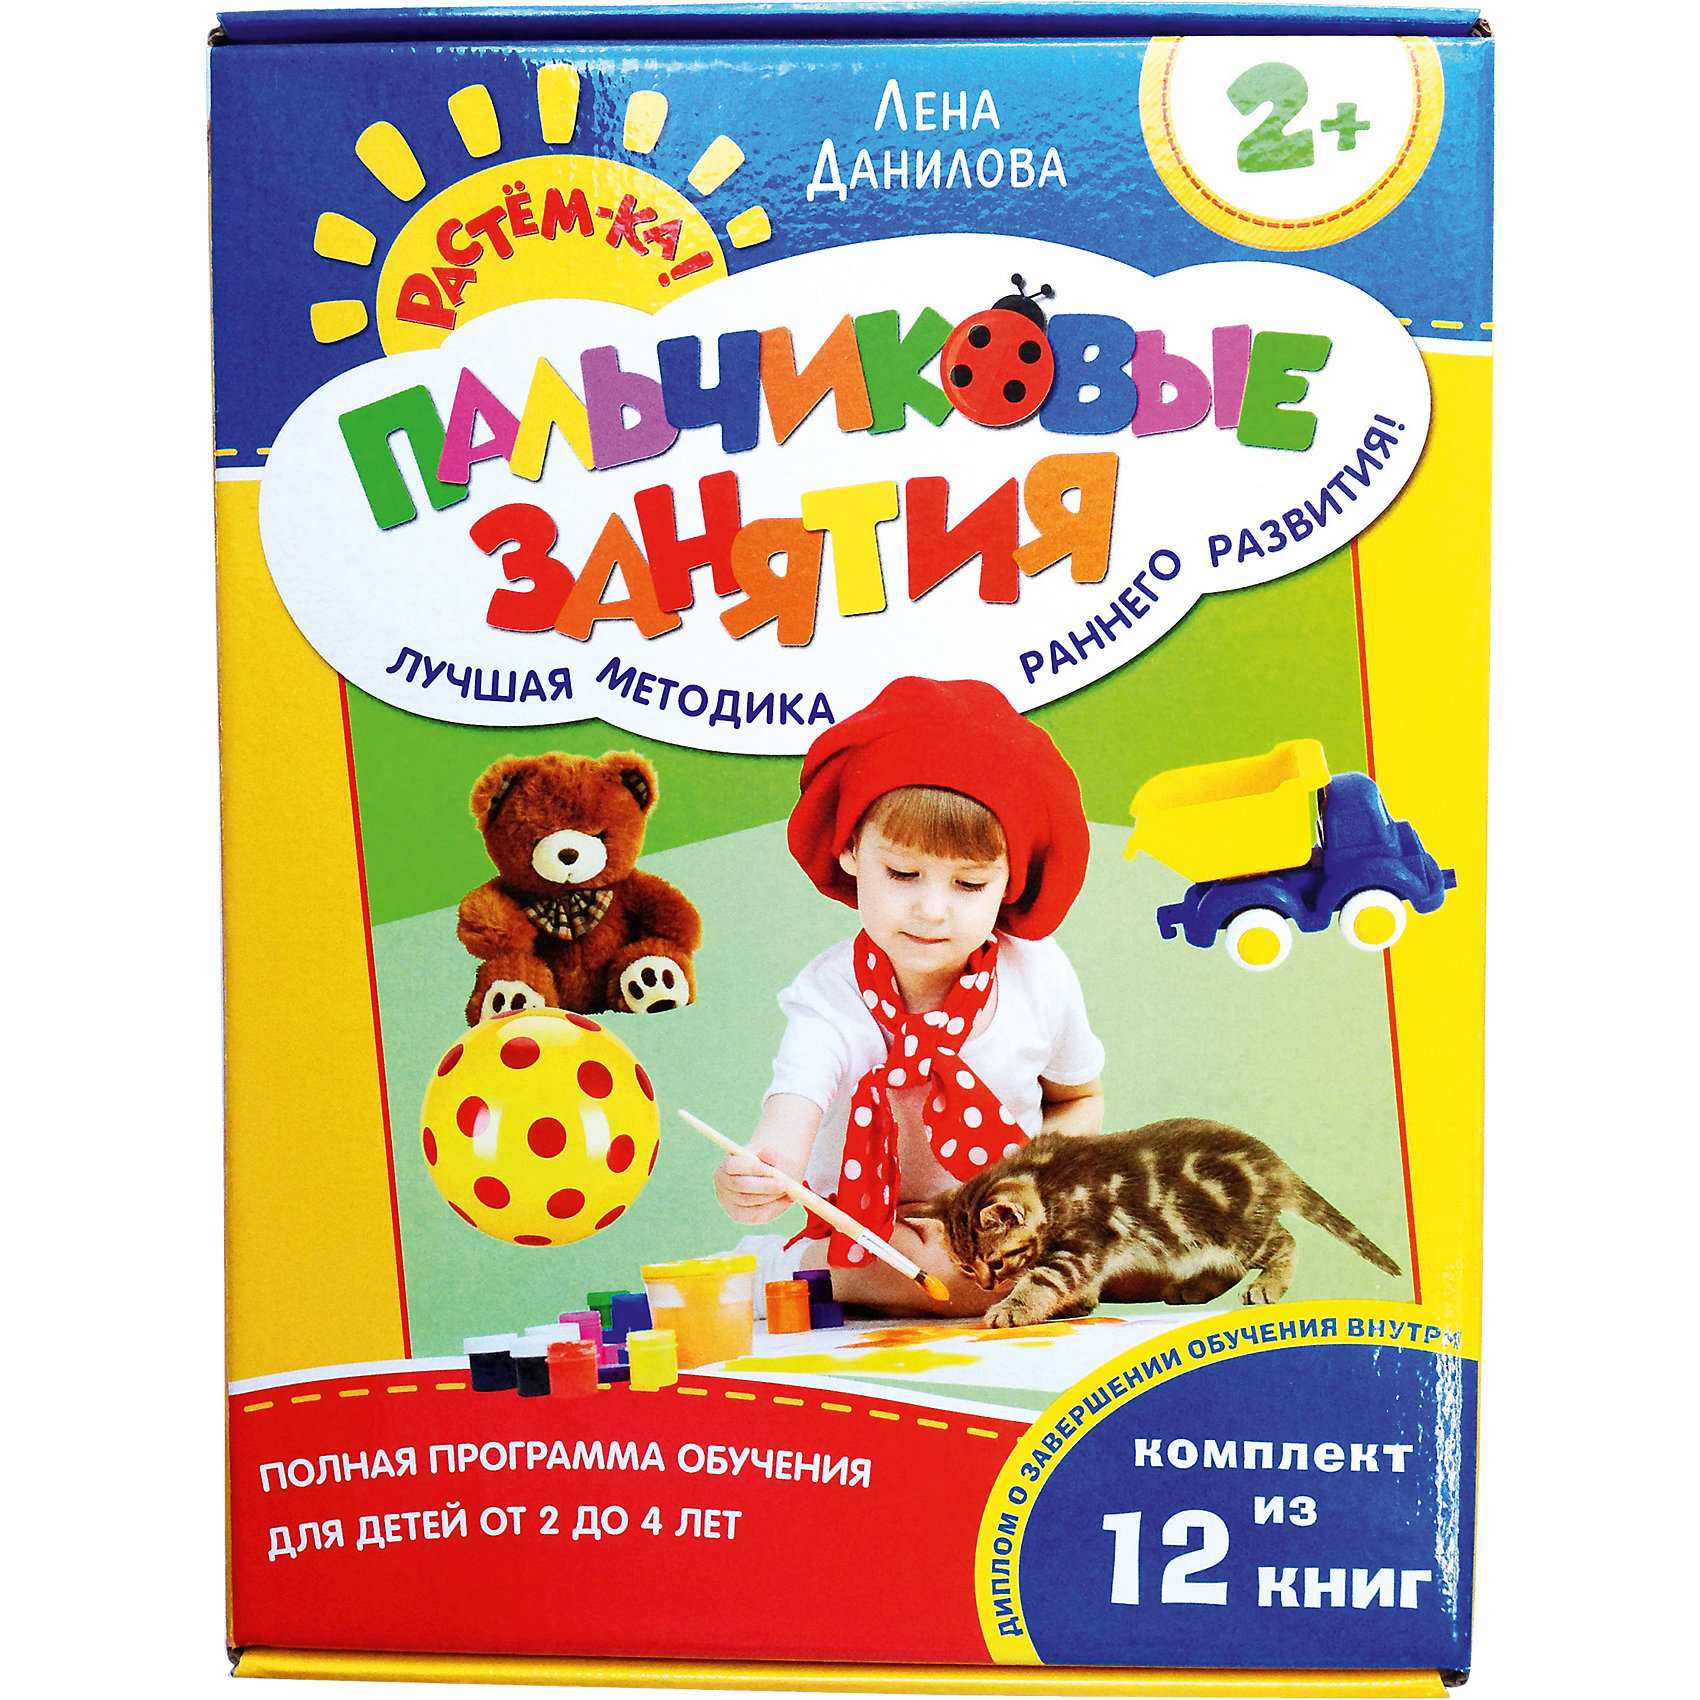 Комплект Пальчиковые занятия из 12 книг   (2+)Комплект из 12 брошюр Пальчиковые занятия - красочное пособие с уникальной и эффективной методикой раннего развития. Каждая брошюра посвящена определенной теме, понятной и интересной малышу: Любимые игрушки, Утро, день, вечер, ночь, Часть и целое, Что умеют наши пальчики, Я учусь считать, Важные профессии, Времена года, Мы едем в деревню, Мой город, Явления природы, Кто что строит, Цвета и формы. Занятия проводятся в легкой веселой форме, задания, увлекательные игры и смешные движения будут интересны малышу и не дадут ему заскучать. Через игру с пальчиками, через простые подражательные движения ребенок быстро вовлекается в развивающую игру. Система построена таким образом, что с книгами можно работать в произвольном порядке, а занятия могут проводить даже совершенно неподготовленные родители. Игровой макет книг разработан с учетом психологических и физиологических особенностей детей. Регулярные занятия по данному пособию будут способствовать всестороннему гармоничному развитию малыша. <br><br>Дополнительная информация:<br><br>- Автор: Е. А. Данилова.<br>- Серия: Растем-ка!<br>- Переплет: мягкая обложка, футляр.<br>- Иллюстрации: цветные.<br>- Объем: 192 стр.<br>- Размер упаковки: 27 x 20,5 х 3,5 см.<br>- Вес: 1,16 кг.<br><br>Комплект Пальчиковые занятия из 12 книг (2+), Росмэн, можно купить в нашем интернет-магазине.<br><br>Ширина мм: 270<br>Глубина мм: 205<br>Высота мм: 35<br>Вес г: 1160<br>Возраст от месяцев: 24<br>Возраст до месяцев: 48<br>Пол: Унисекс<br>Возраст: Детский<br>SKU: 4244020